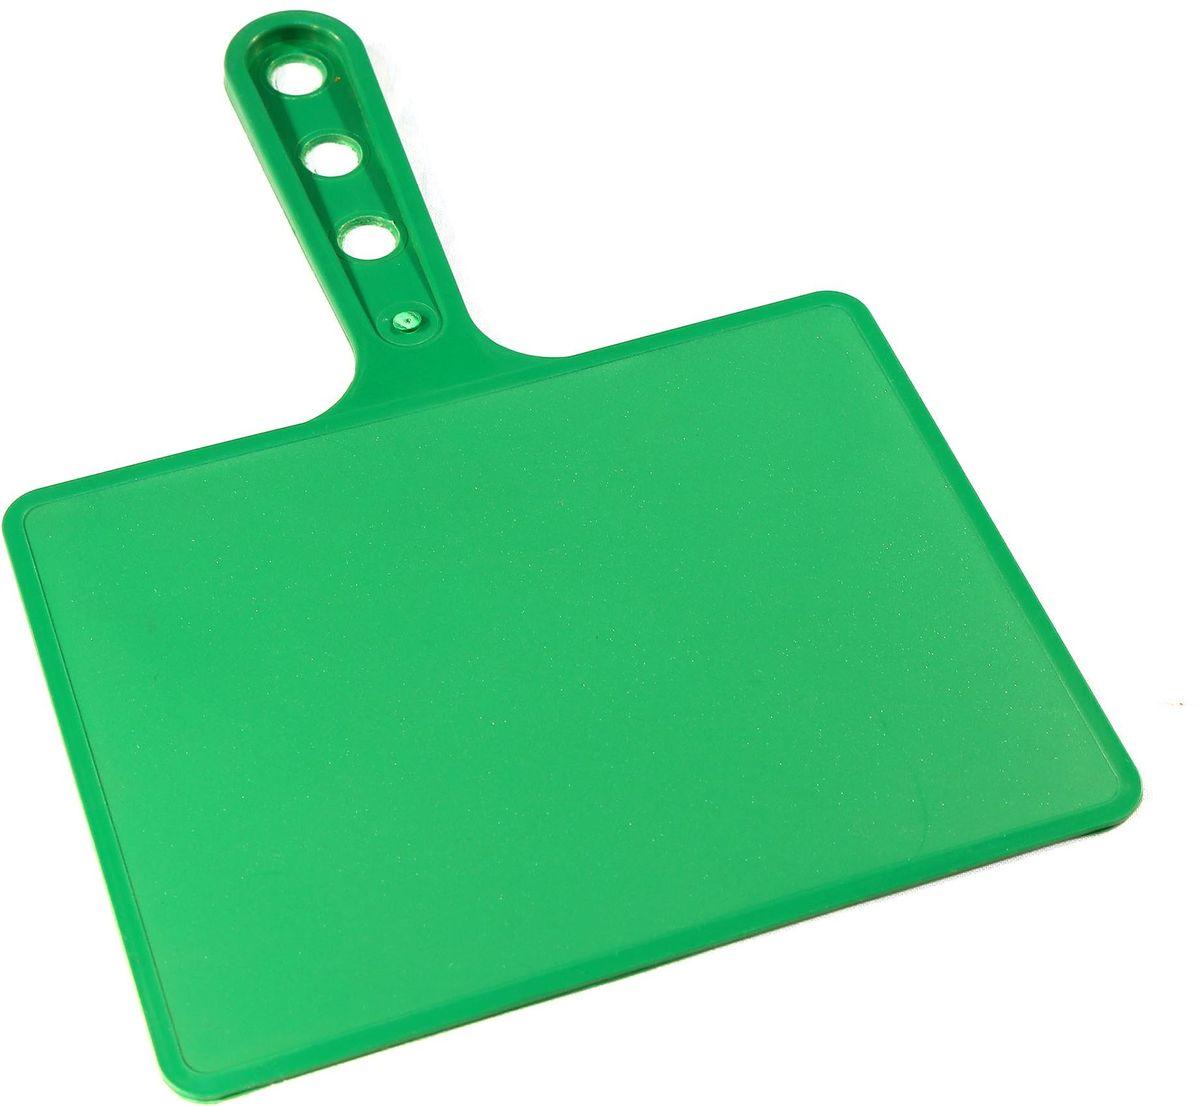 Веер для мангала BG, цвет: зеленый. 150181150181-З, зеленыйПредназначен для раздува углей в мангале. Изготовлен из высококачественного пластика(ПЭНД), одна сторона глянец, вторая шагрень. Ручка имеет 3 отверстия. Можно использовать как разделочную доску для мяса, нарезки овощей или хлеба. Рабочая поверхность выполнена в виде прямоугольника, размер: 197 х 148 мм.